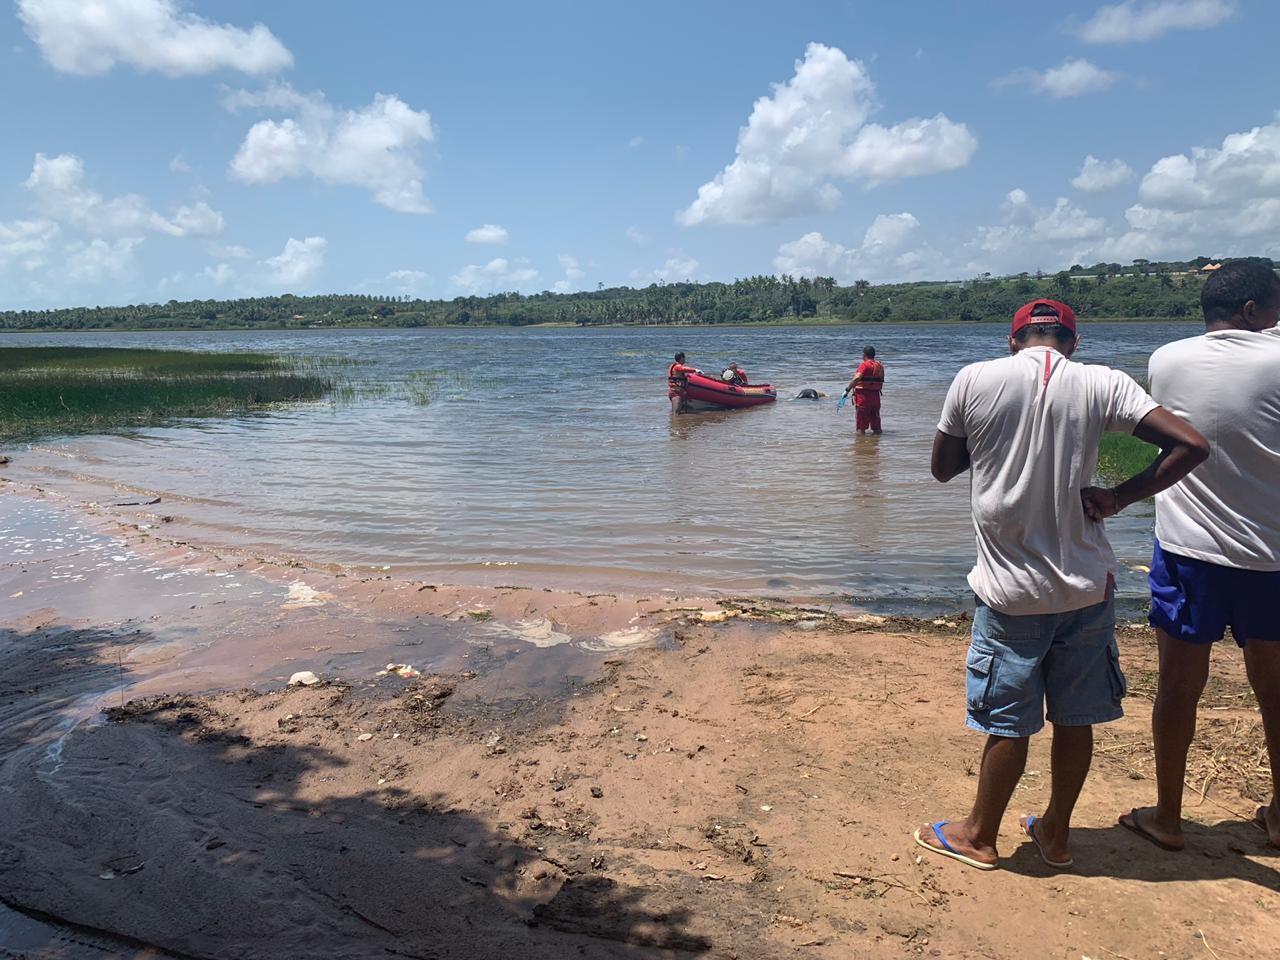 Jovem é encontrado morto amarrado pelo pescoço na Lagoa de Extremoz, RN - Notícias - Plantão Diário